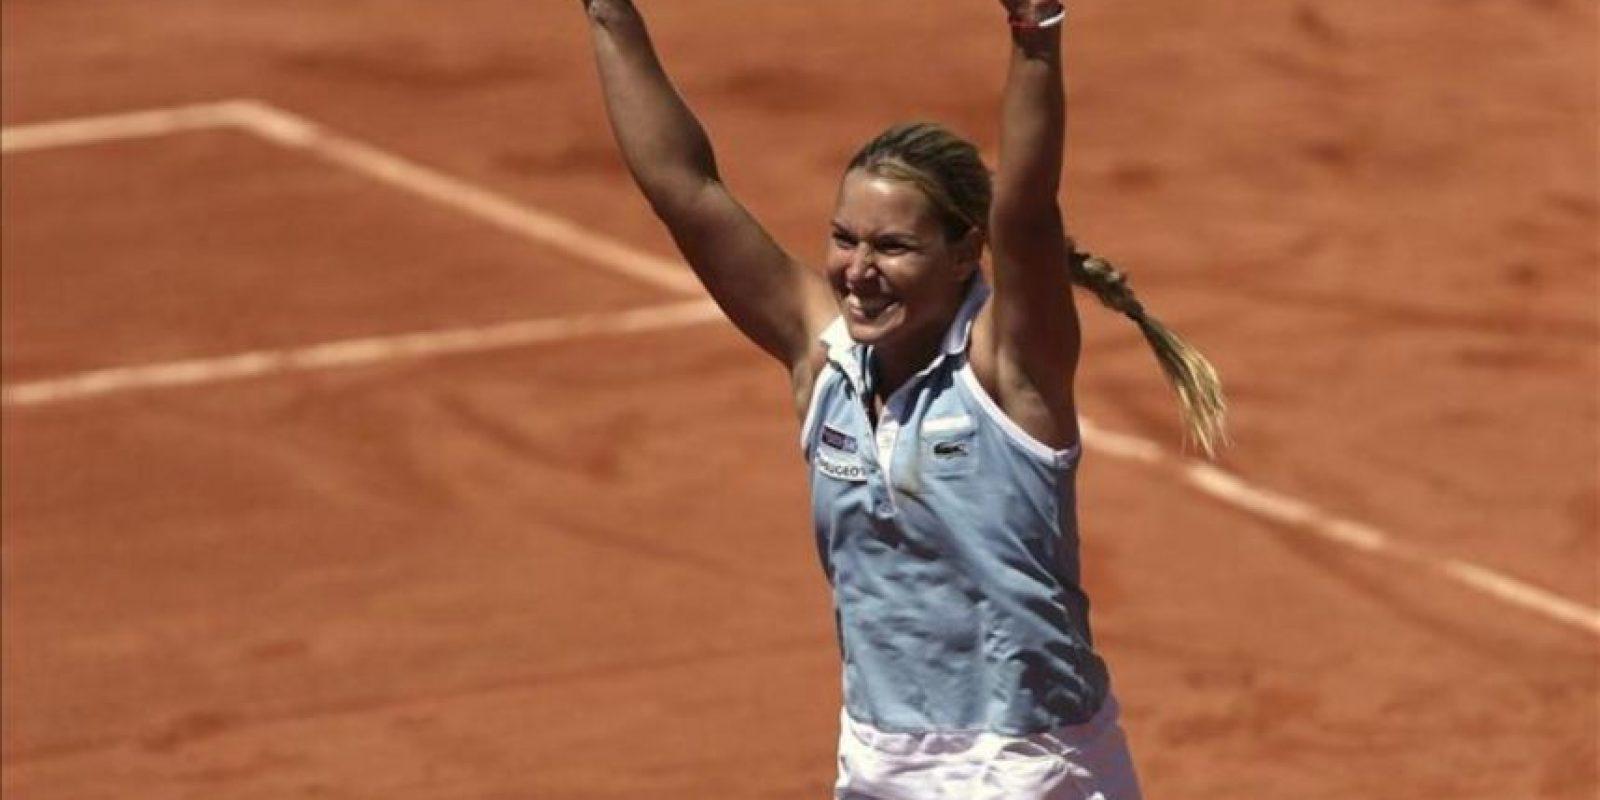 La tenista eslovaca Dominika Cibulkova celebra su victoria ante la española Silvia Soler durante el partido de la eliminatoria por la permanencia en el Grupo Mundial de la Copa Federación de Tenis, que se disputa en Marbella. EFE